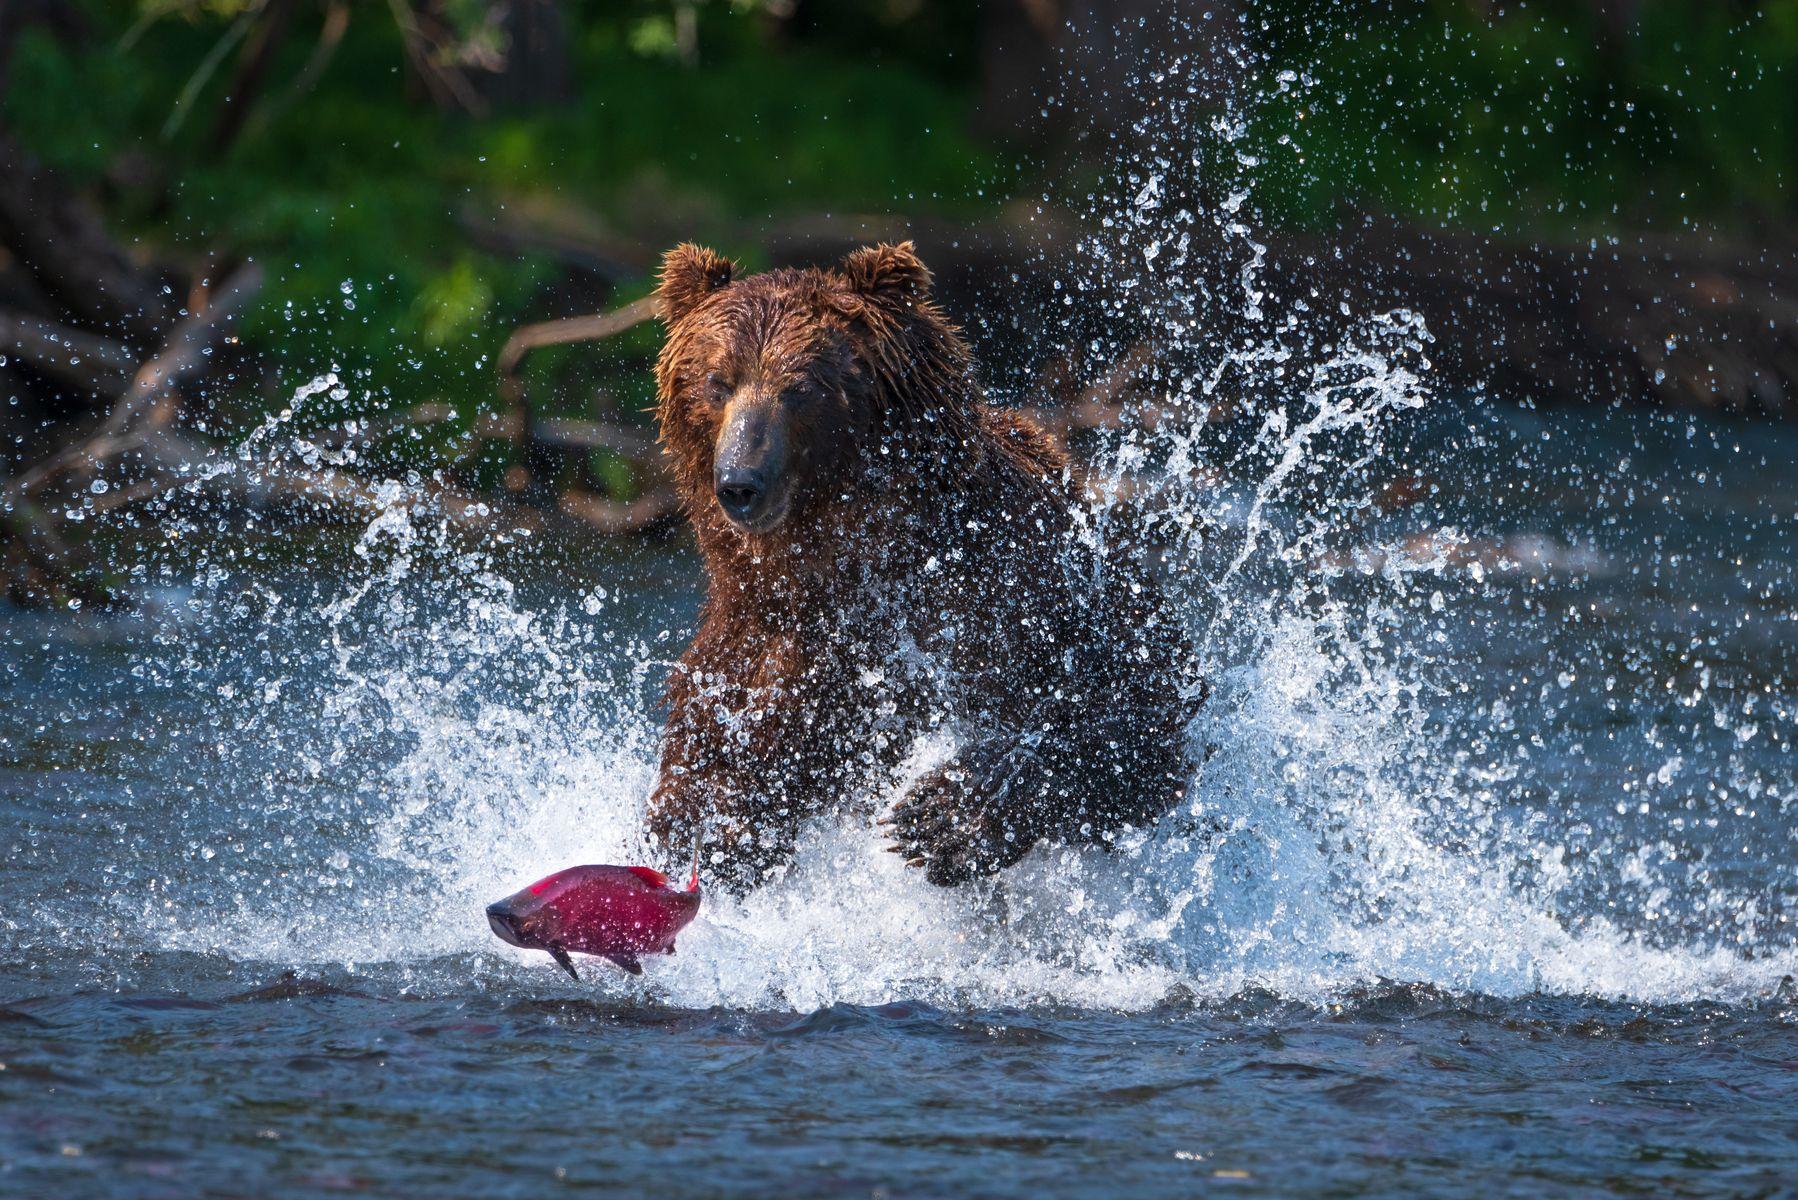 камчатка, медведь, рыбалка, улов, Степанова Татьяна